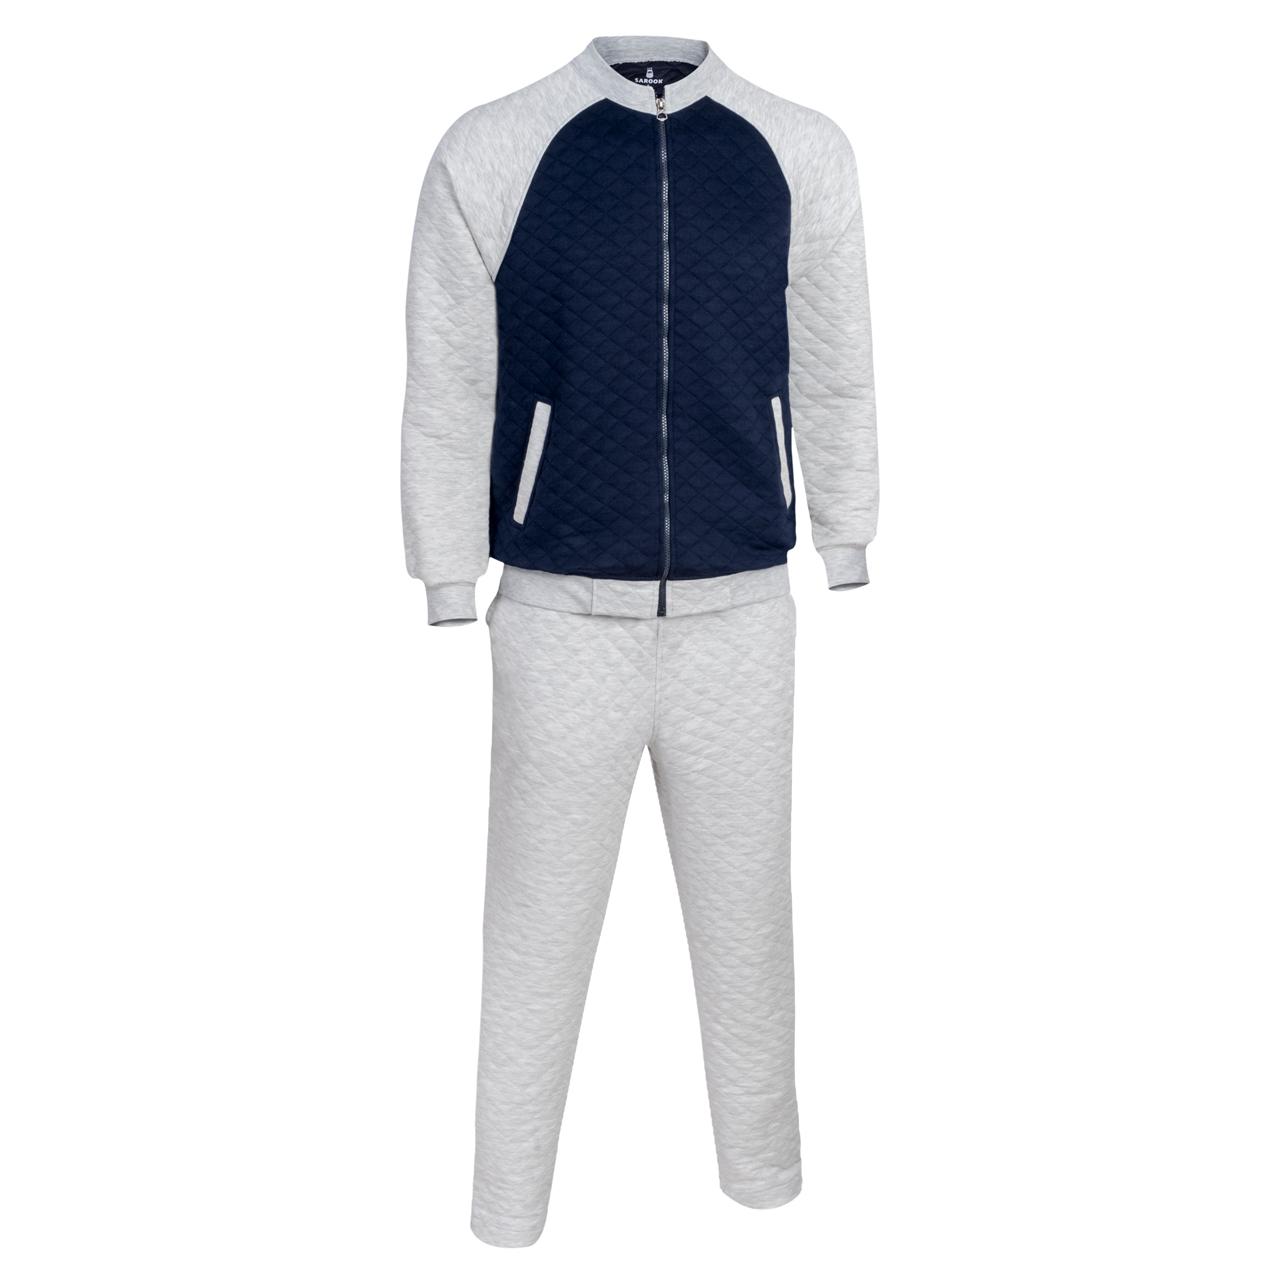 ست سویشرت و شلوار ورزشی مردانه ساروک مدل E2 رنگ ملانژ روشن